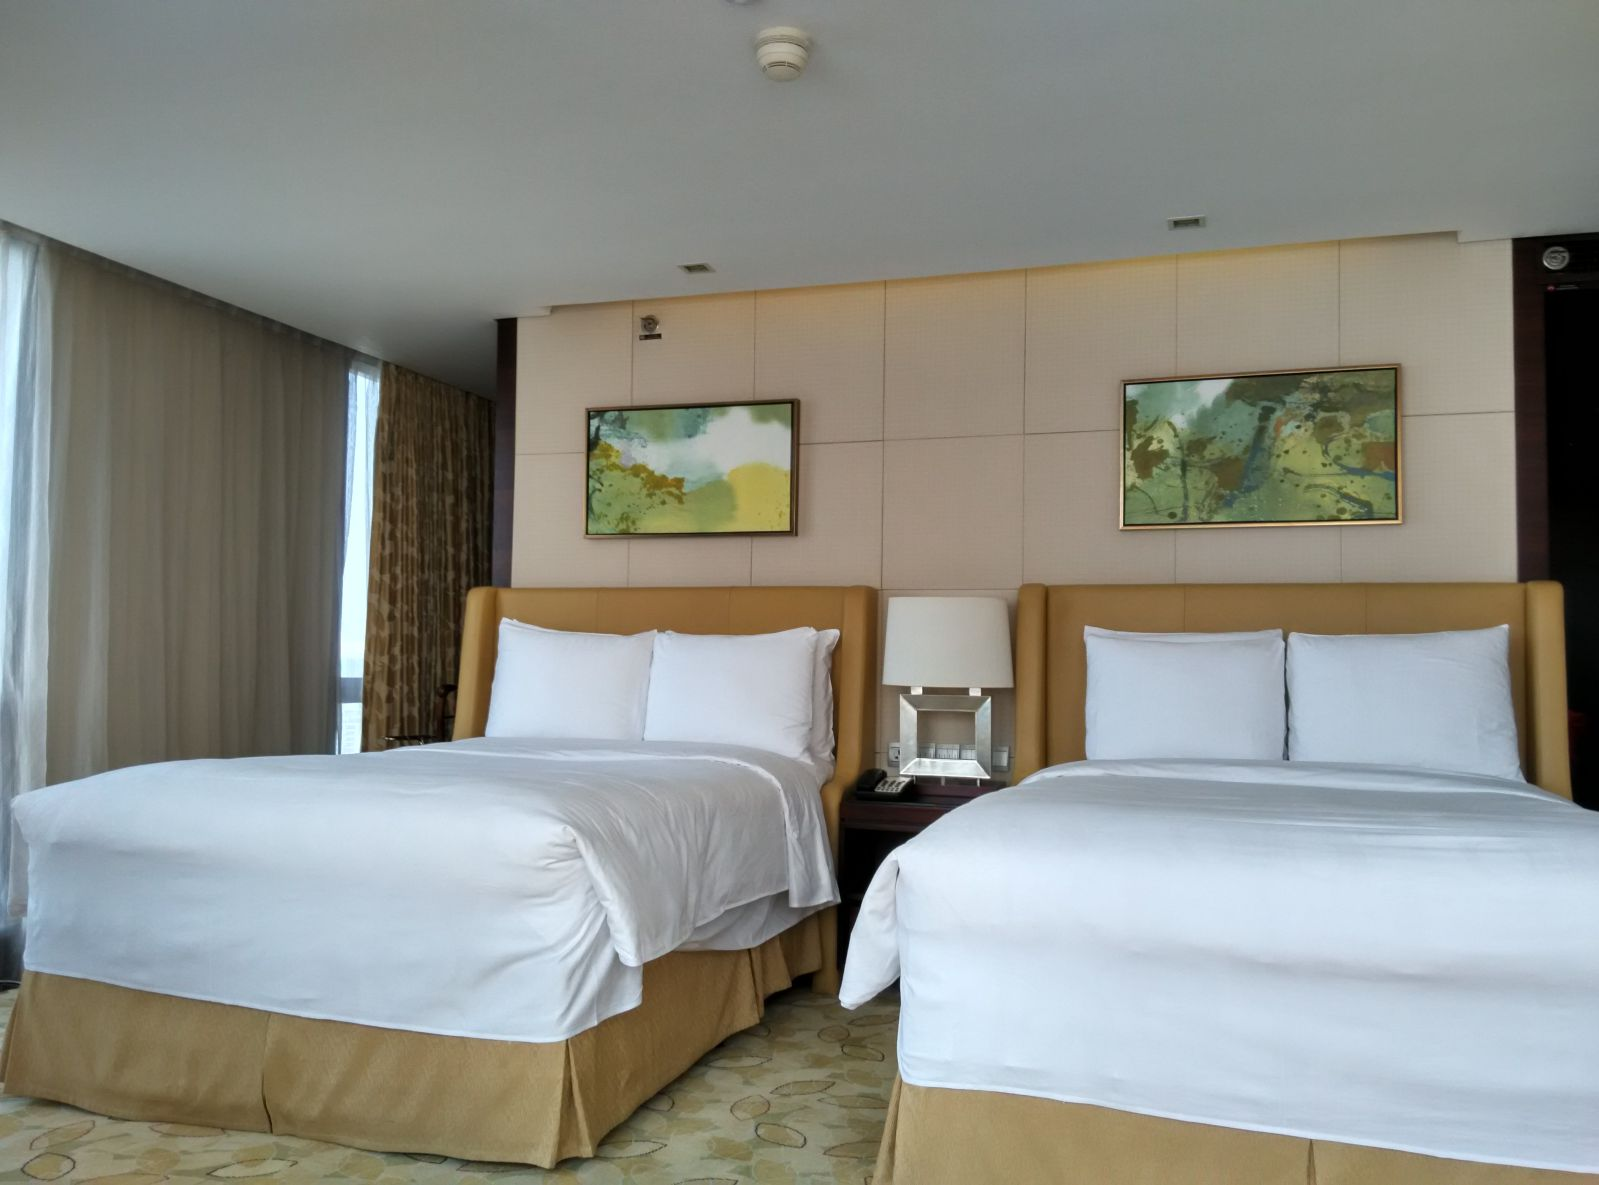 shenzhen-jw-marriott-room-1